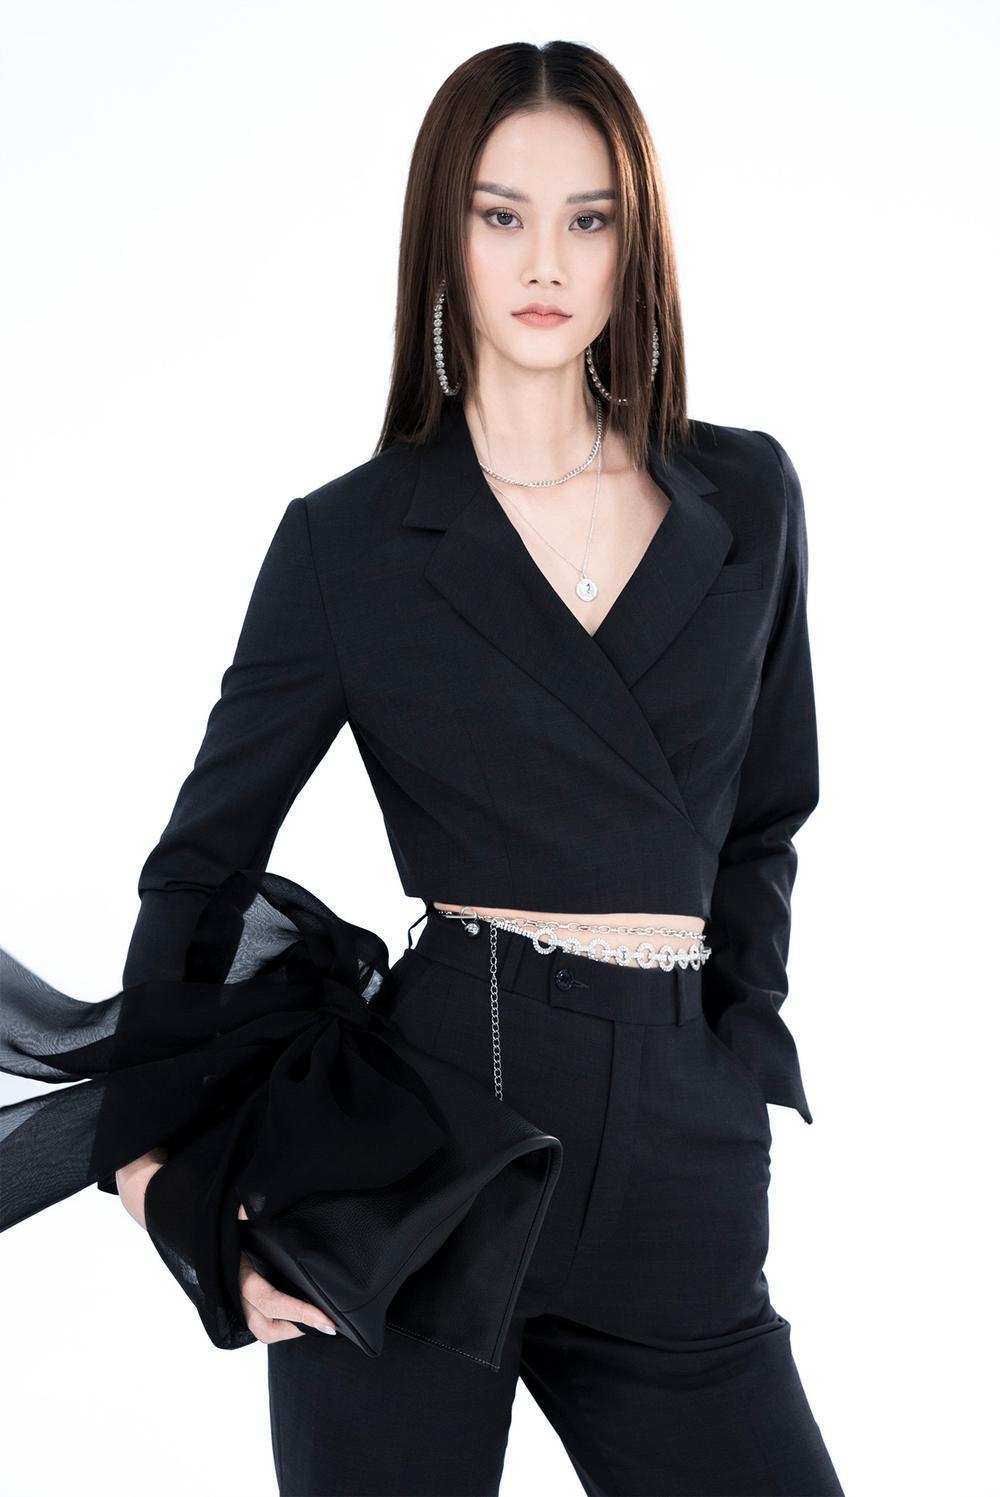 NTK Trần Hùng ra mắt BST tại London Fashion Week, chỉ dùng một người mẫu duy nhất Ảnh 11